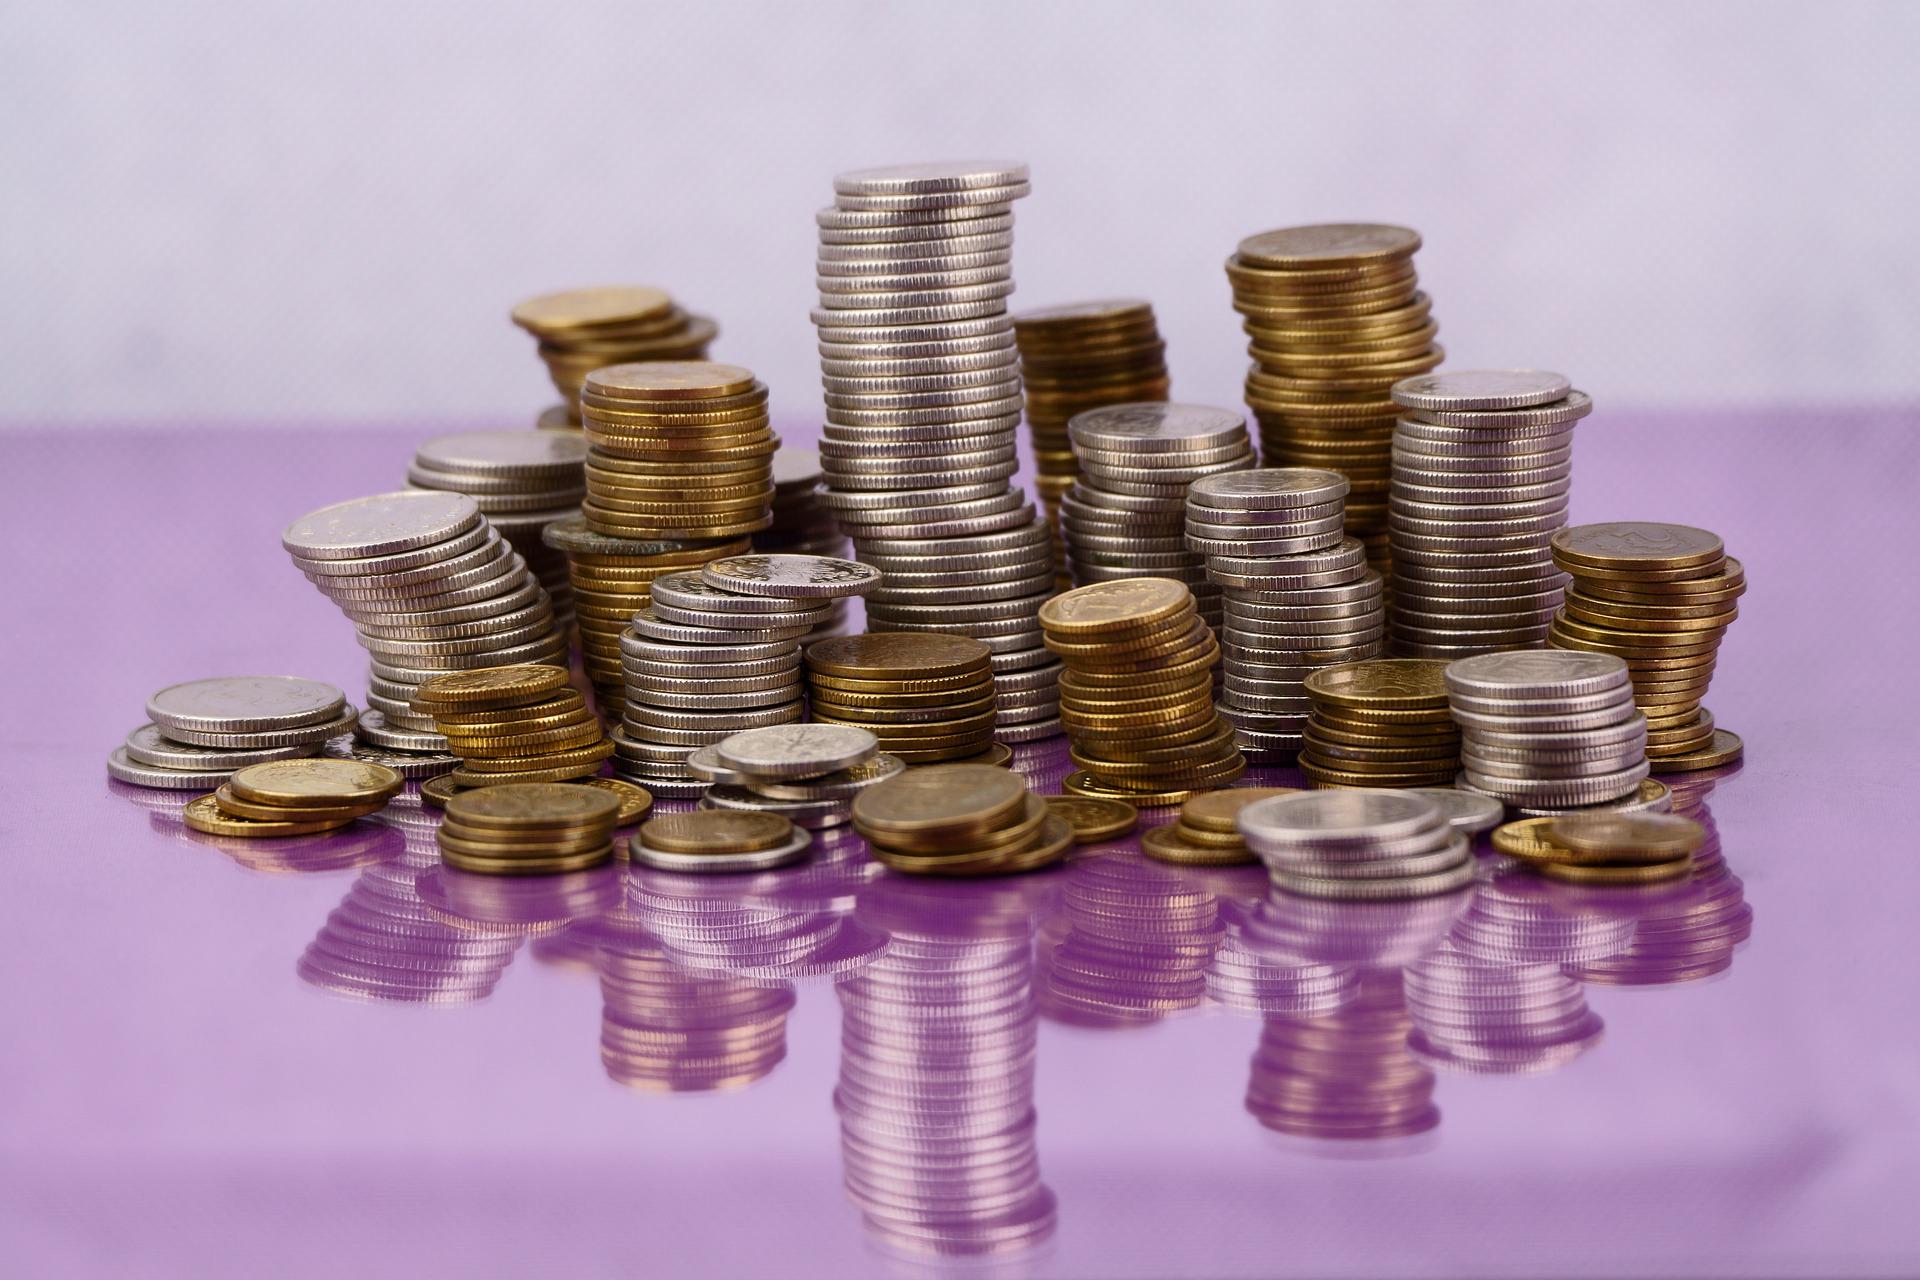 Rytuał na polepszenie finansów